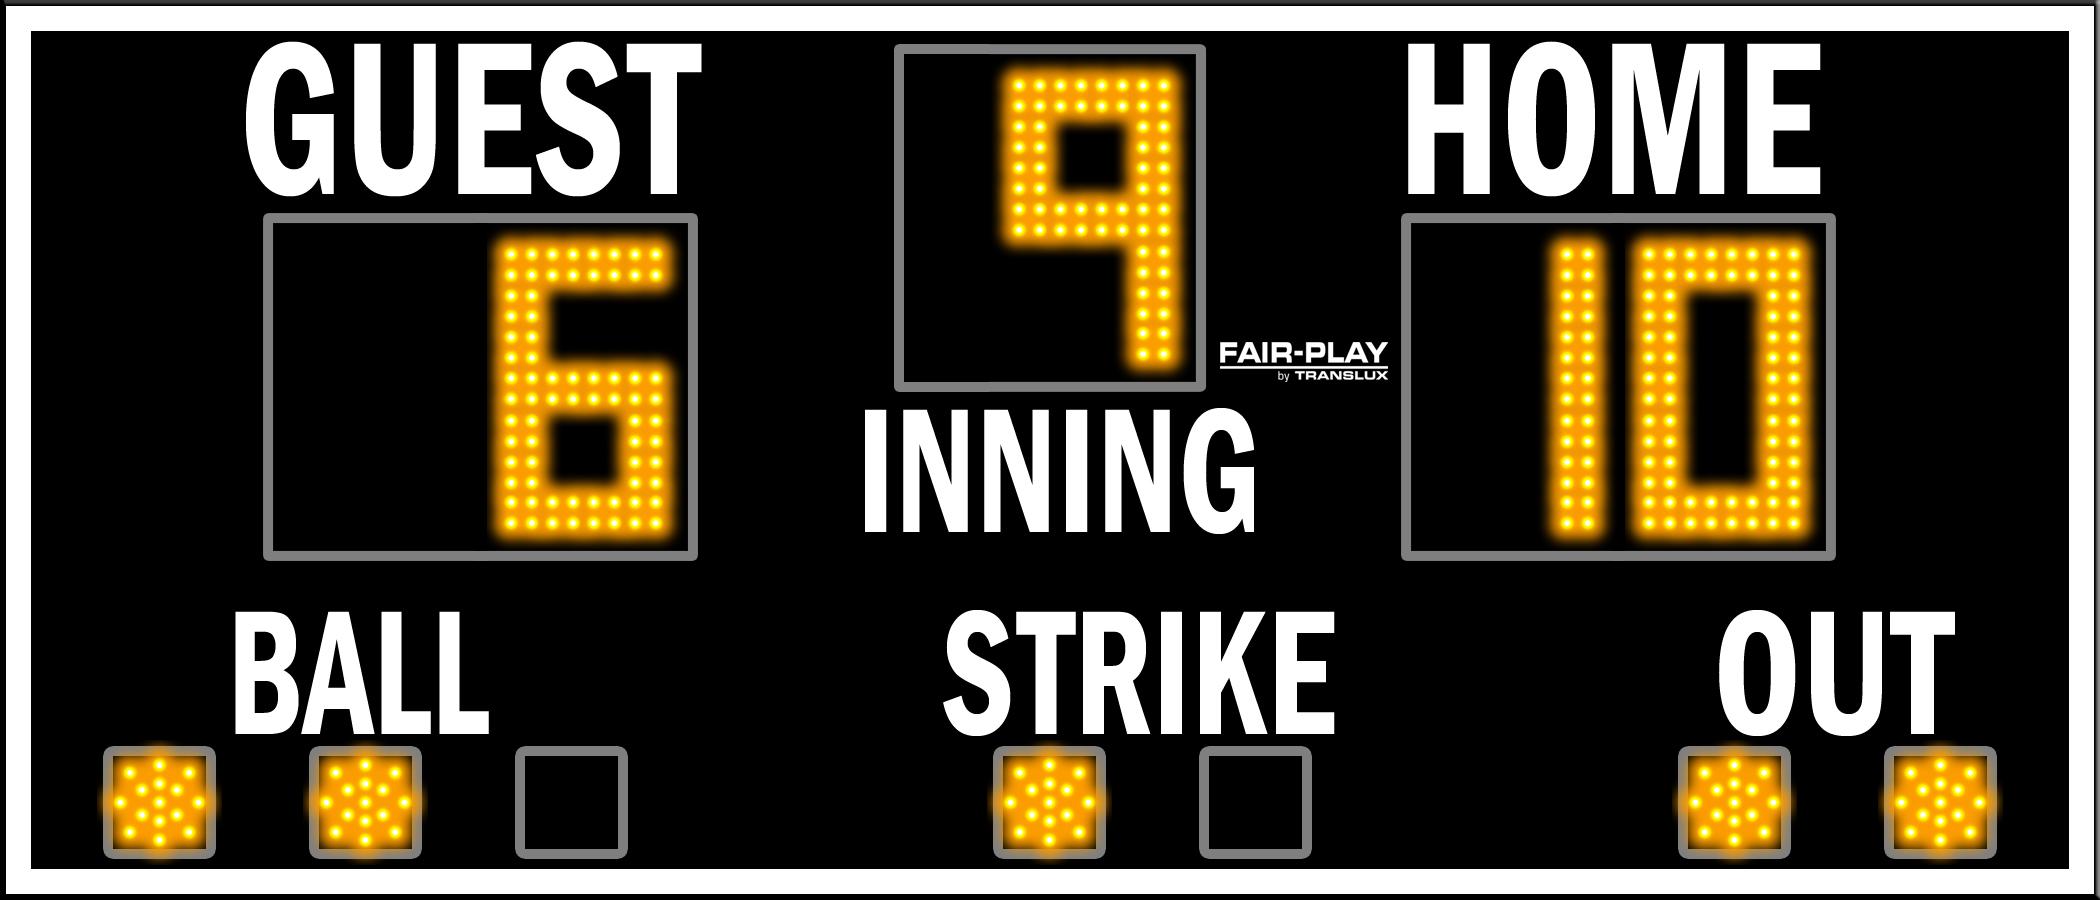 Fair-Play BA-7107-2 Baseball Scoreboard (3′ x 7′)